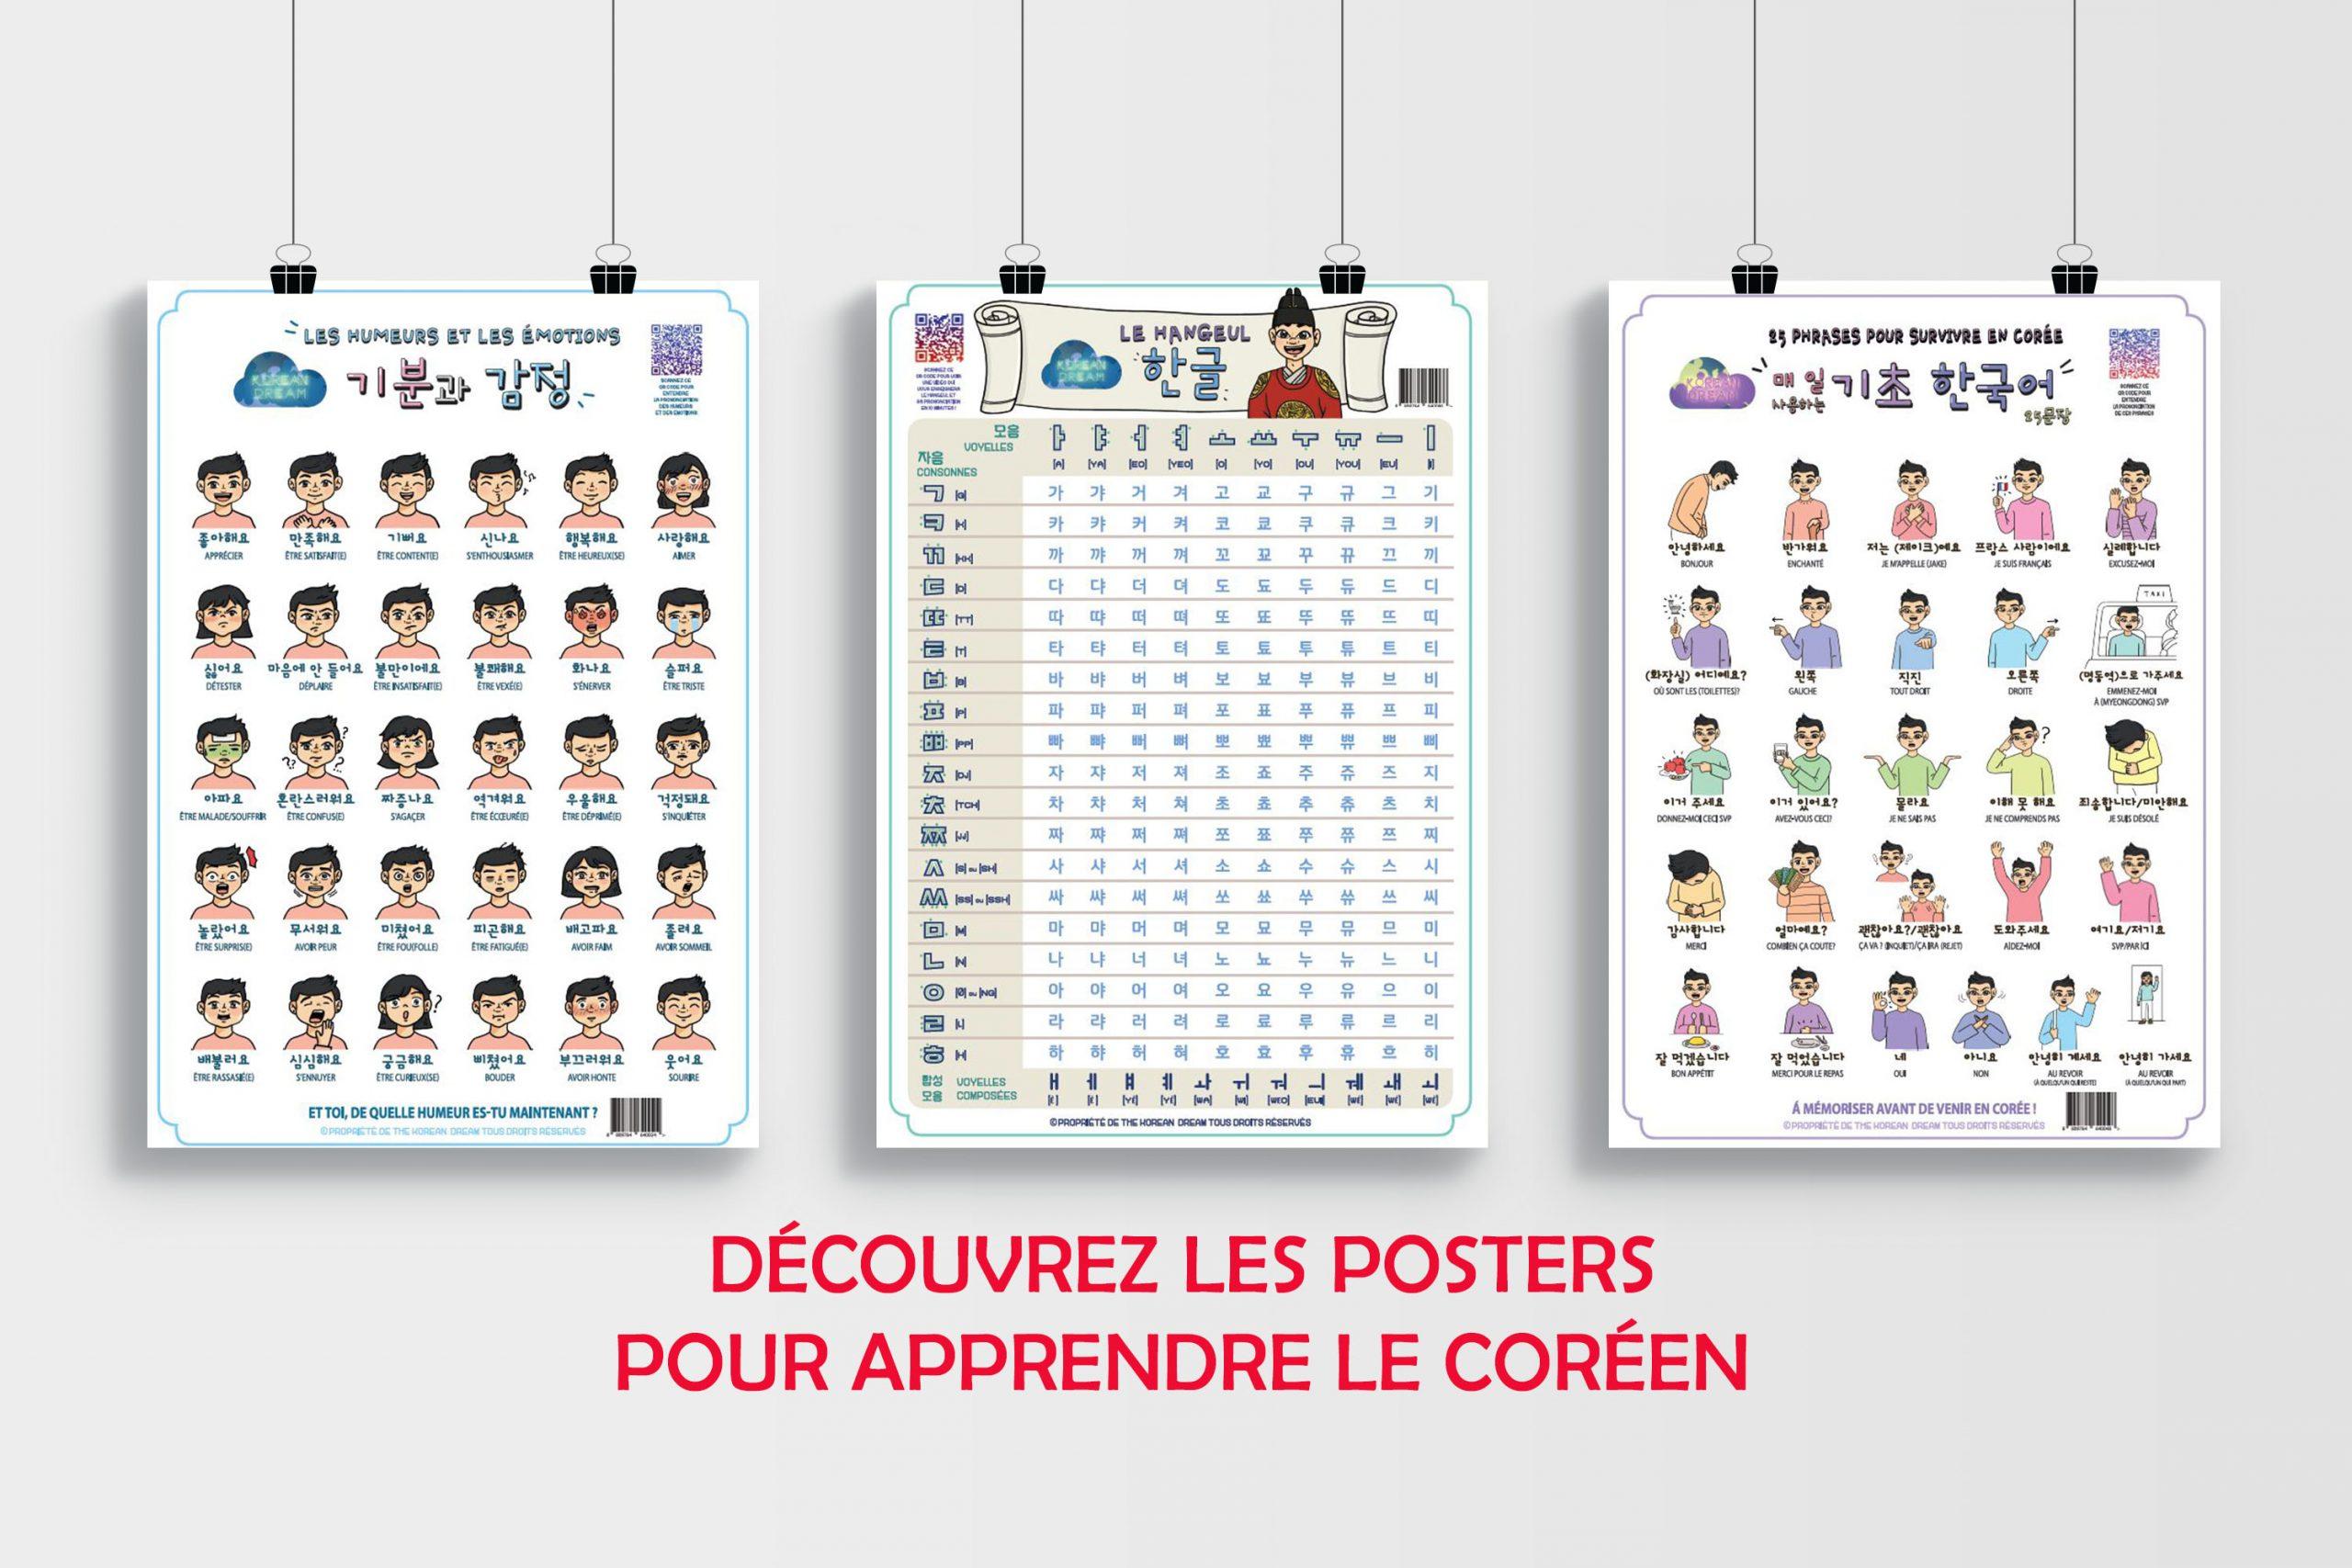 Apprendre le coréen avec des posters